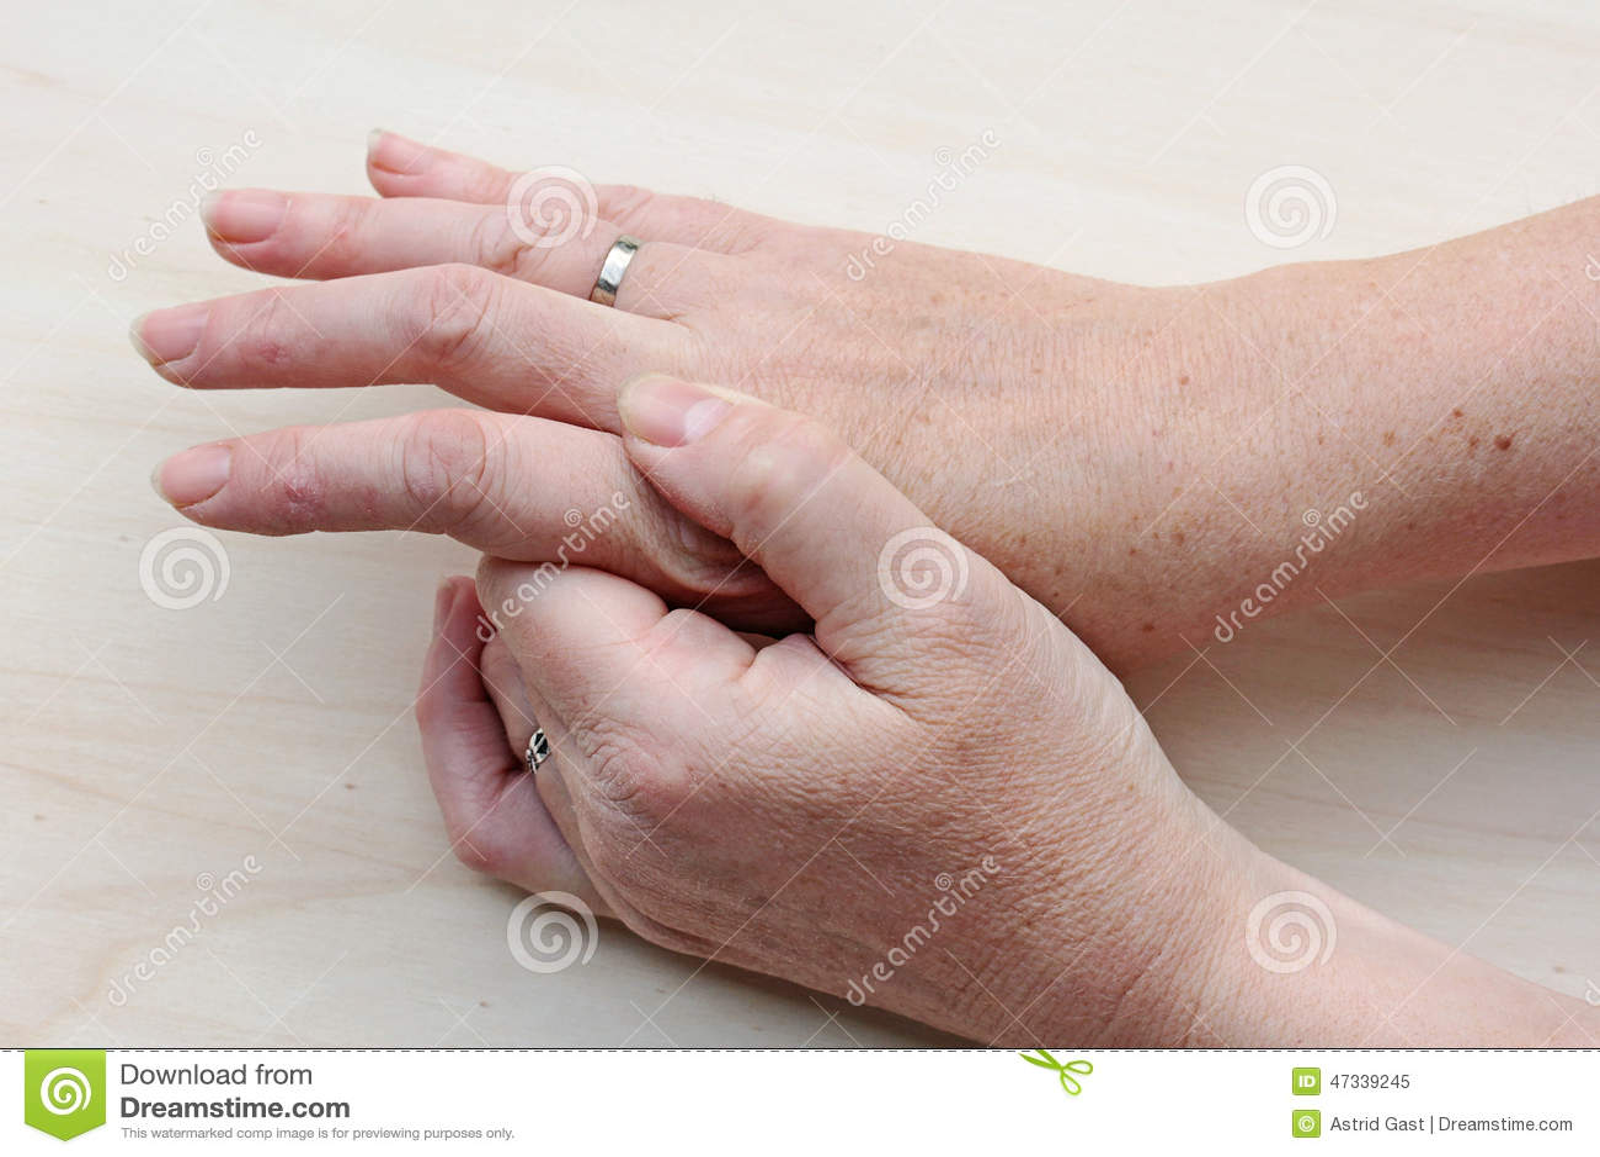 pijn in handen